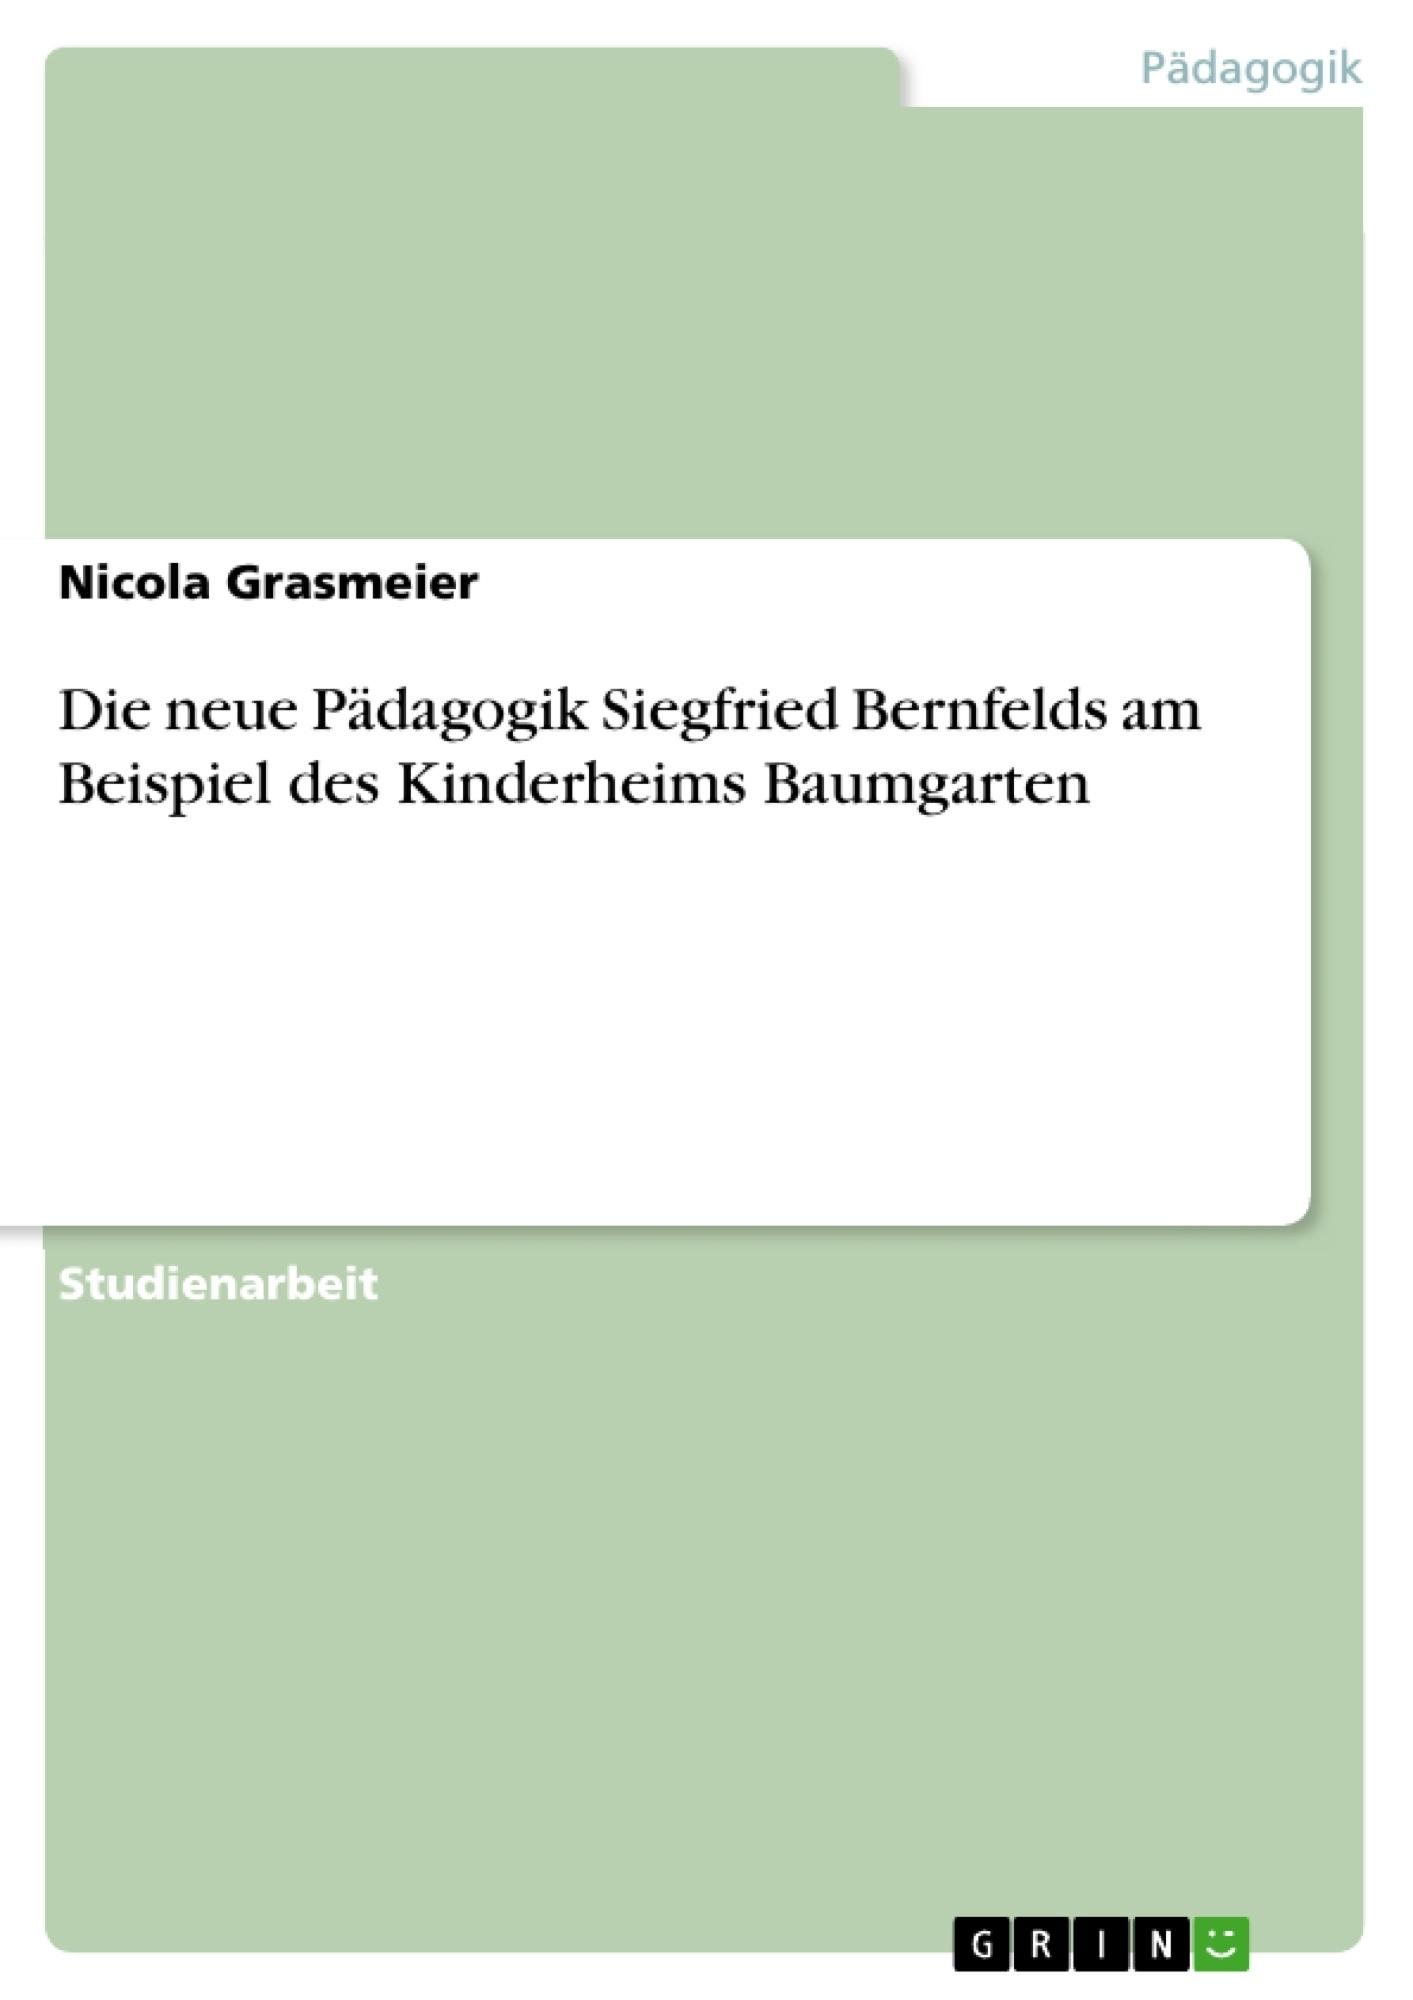 Titel: Die neue Pädagogik Siegfried Bernfelds am Beispiel des Kinderheims Baumgarten